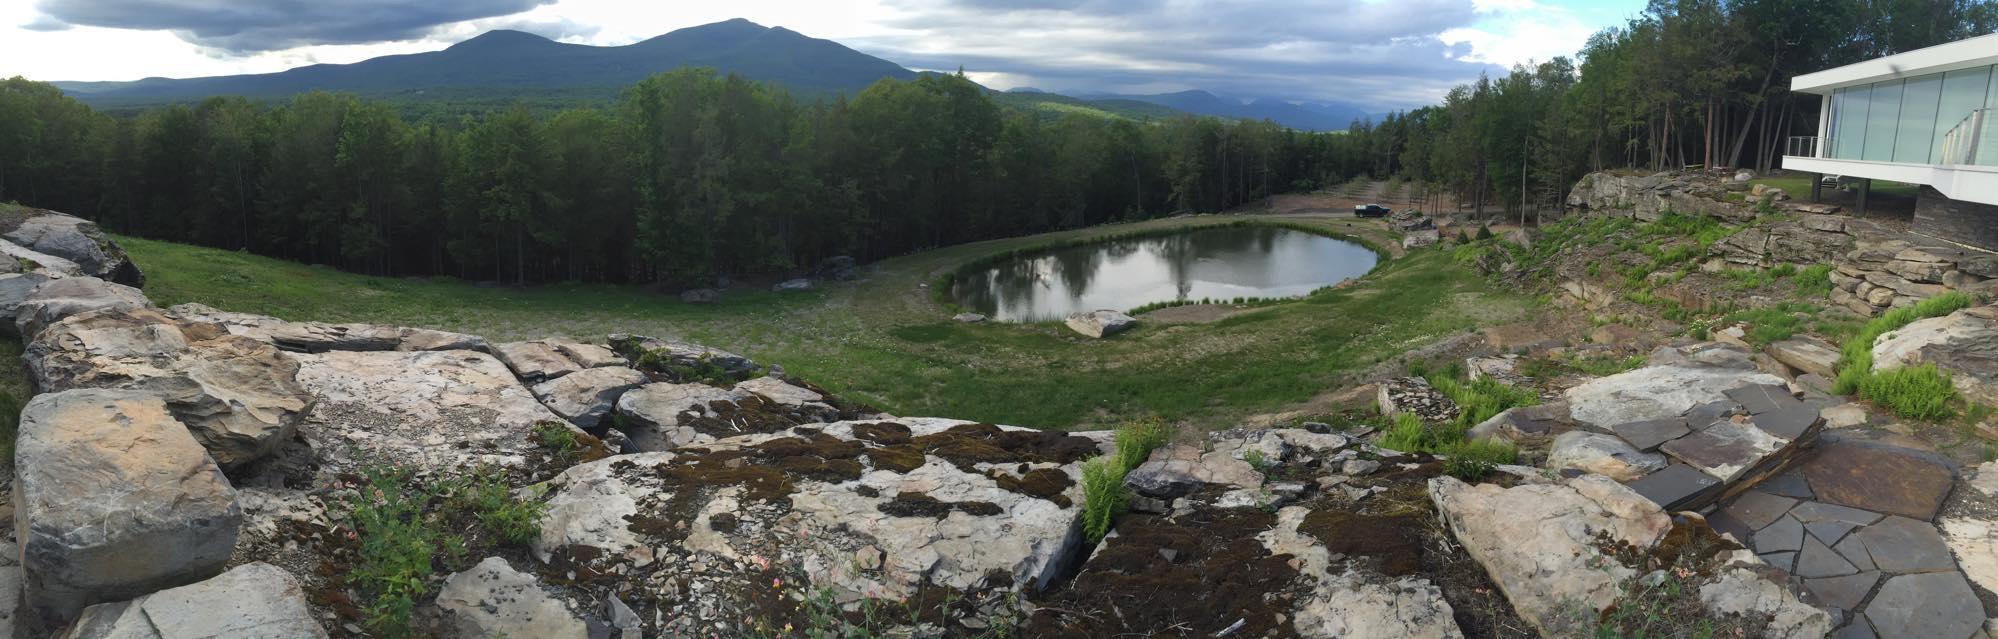 Pond Construction - NY, PA